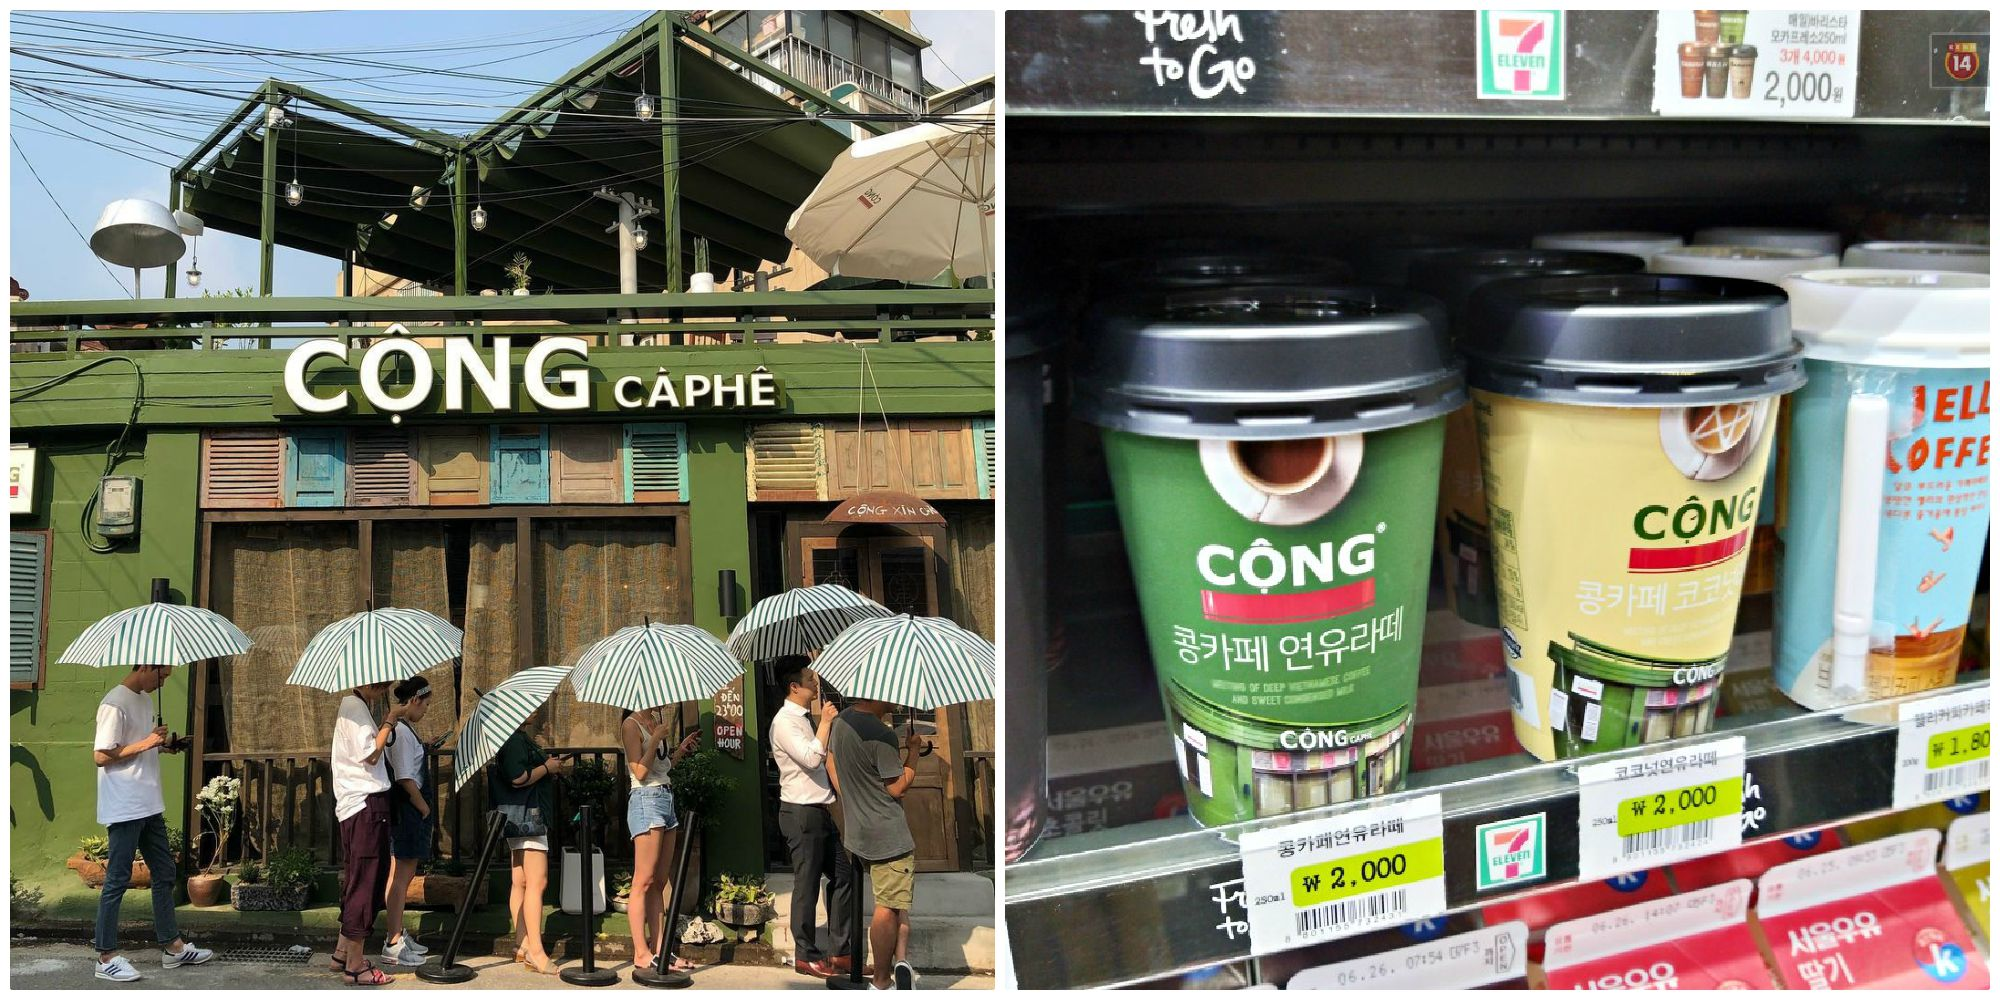 Cà phê Cộng đóng hộp chính thức được 7Eleven  bày bán rộng rãi ở Hàn Quốc